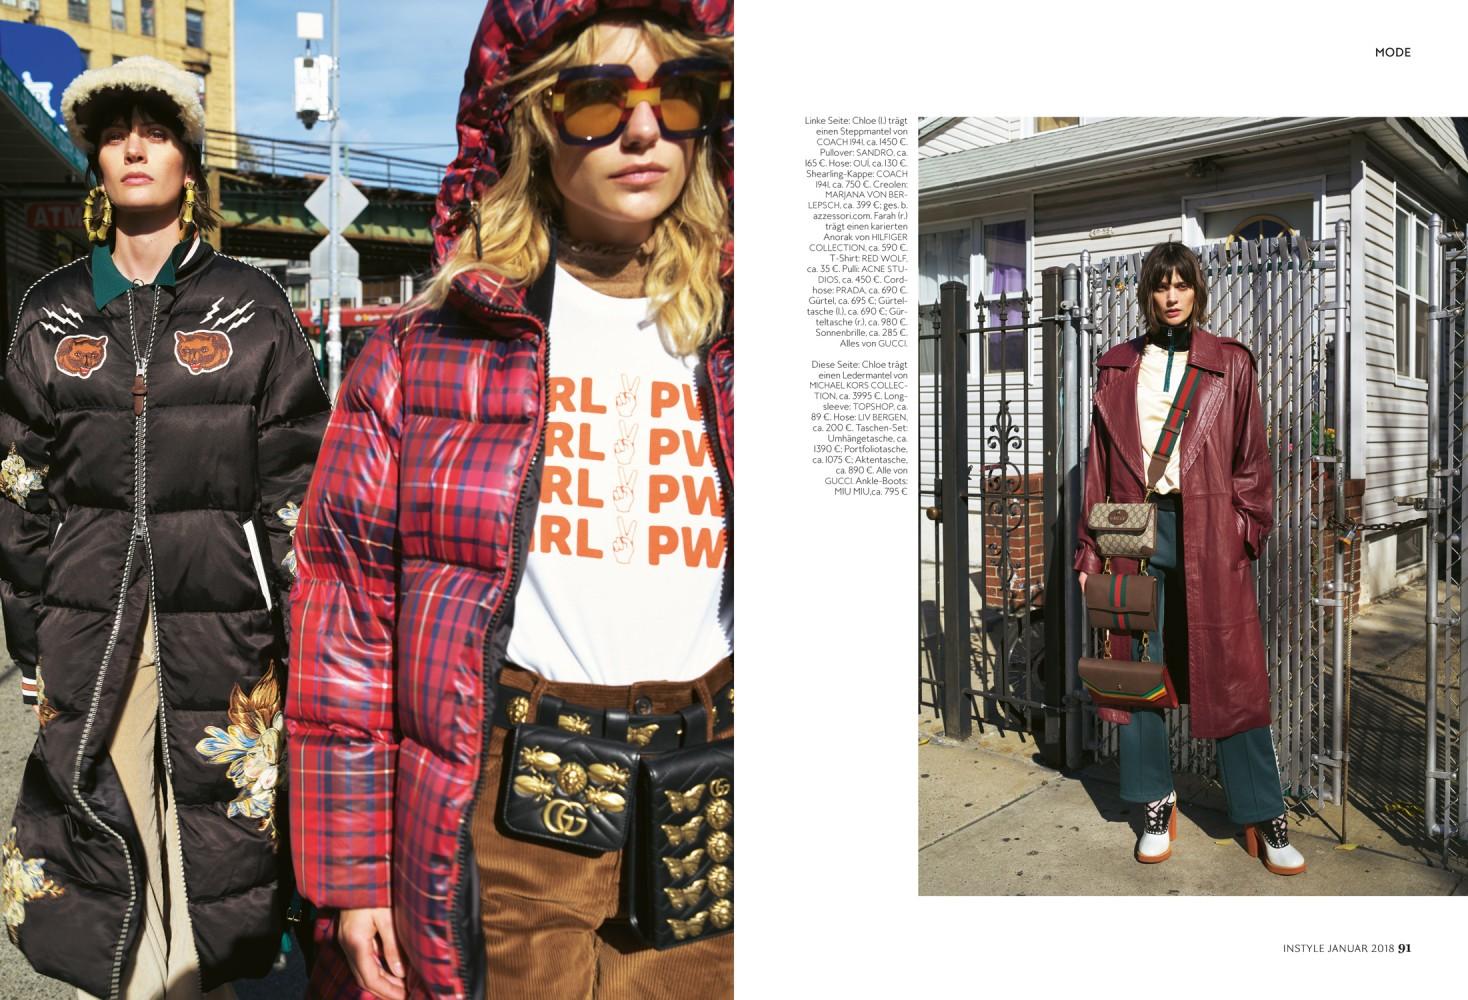 INST180001_21_Mode_Urban-Streetwear088-097-2